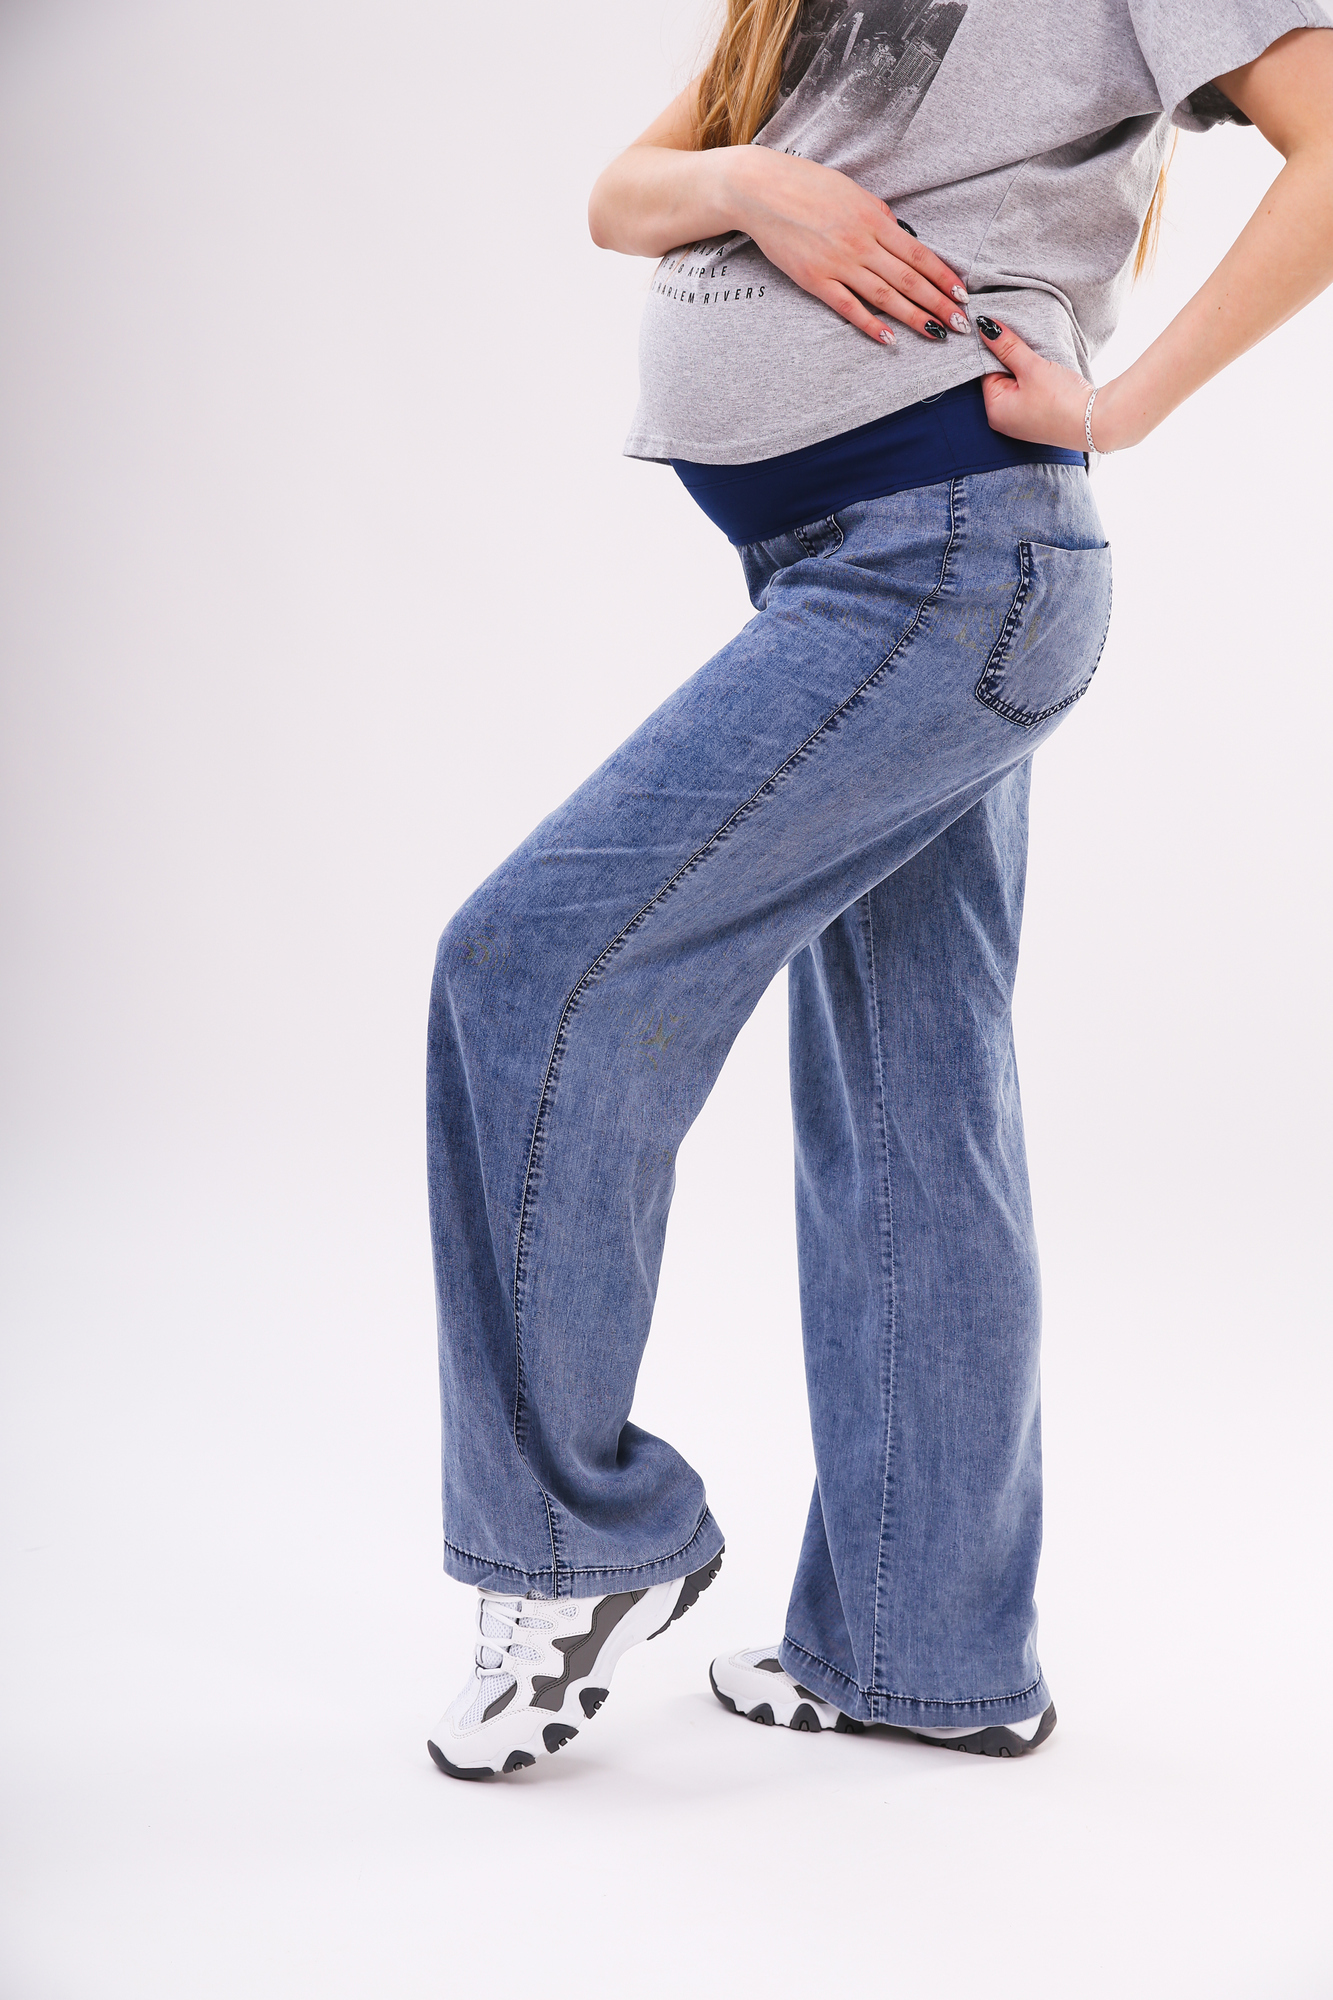 Фото джинсы для беременных MAMA`S FANTASY, широкие, трикотажная вставка, средняя посадка от магазина СкороМама, синий, размеры.